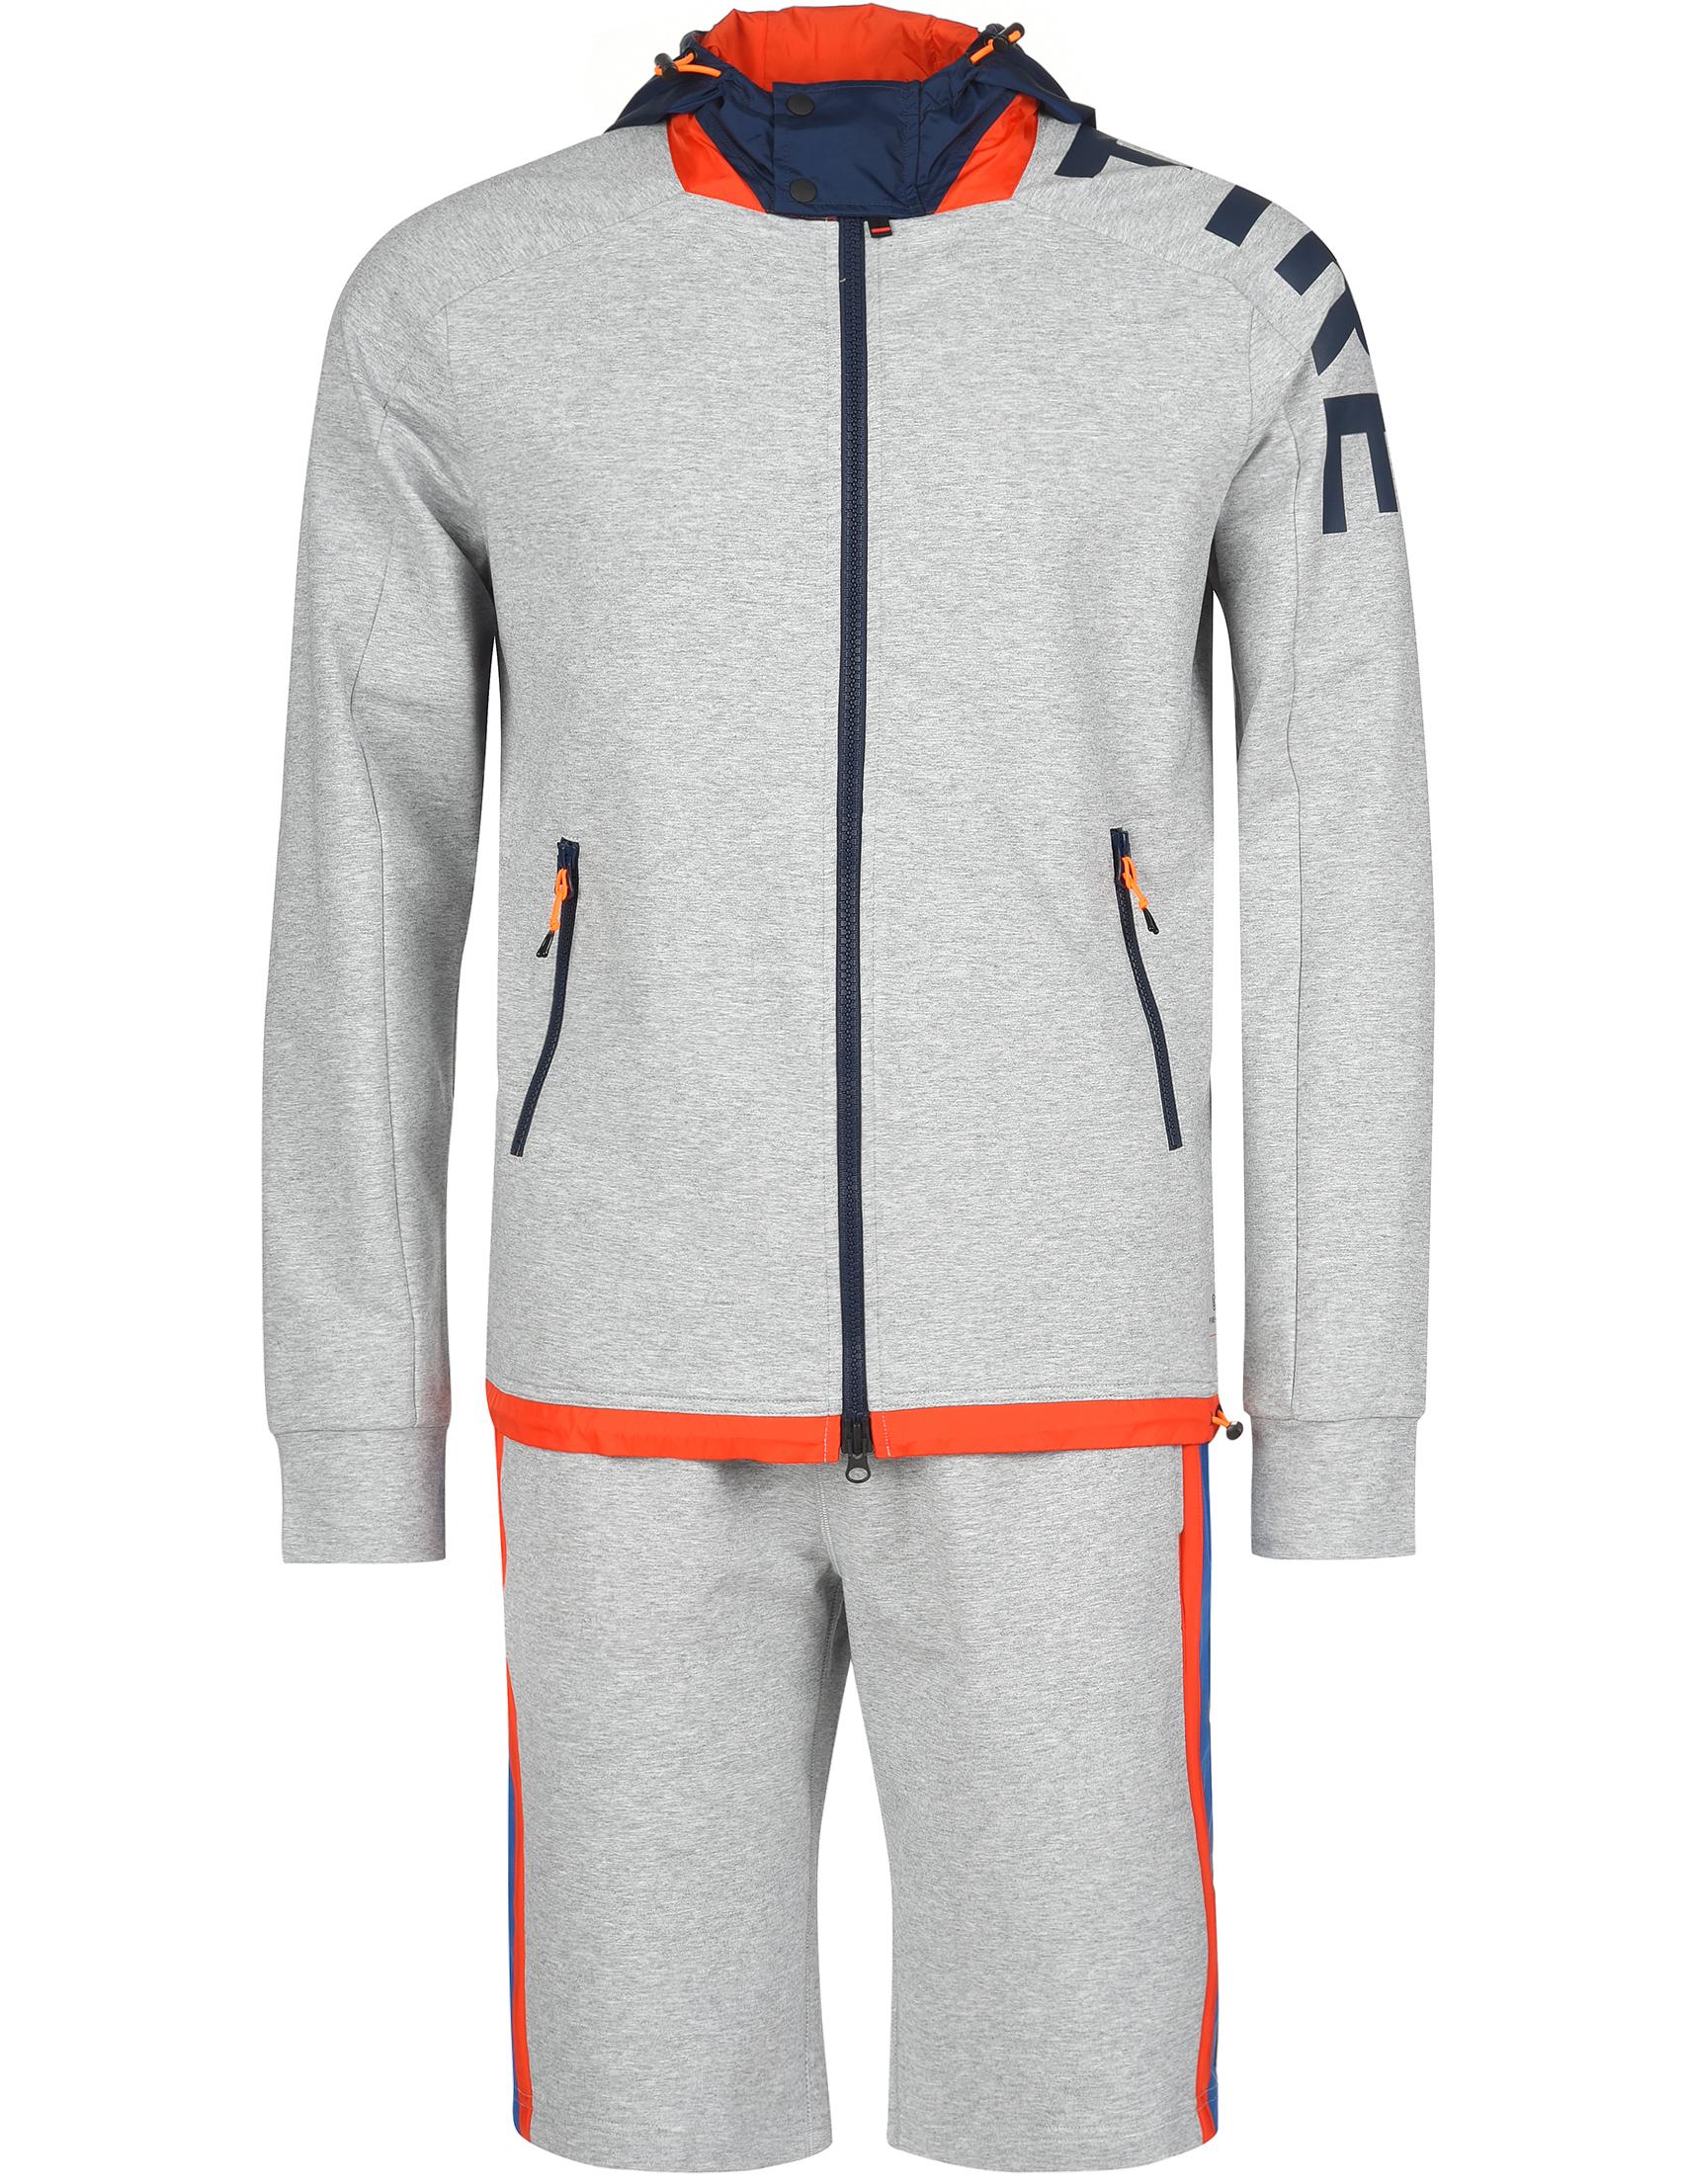 Купить Спортивный костюм, BOGNER, Серый, 70%Хлопок 24%Полиэстер 6%Эластан, Весна-Лето